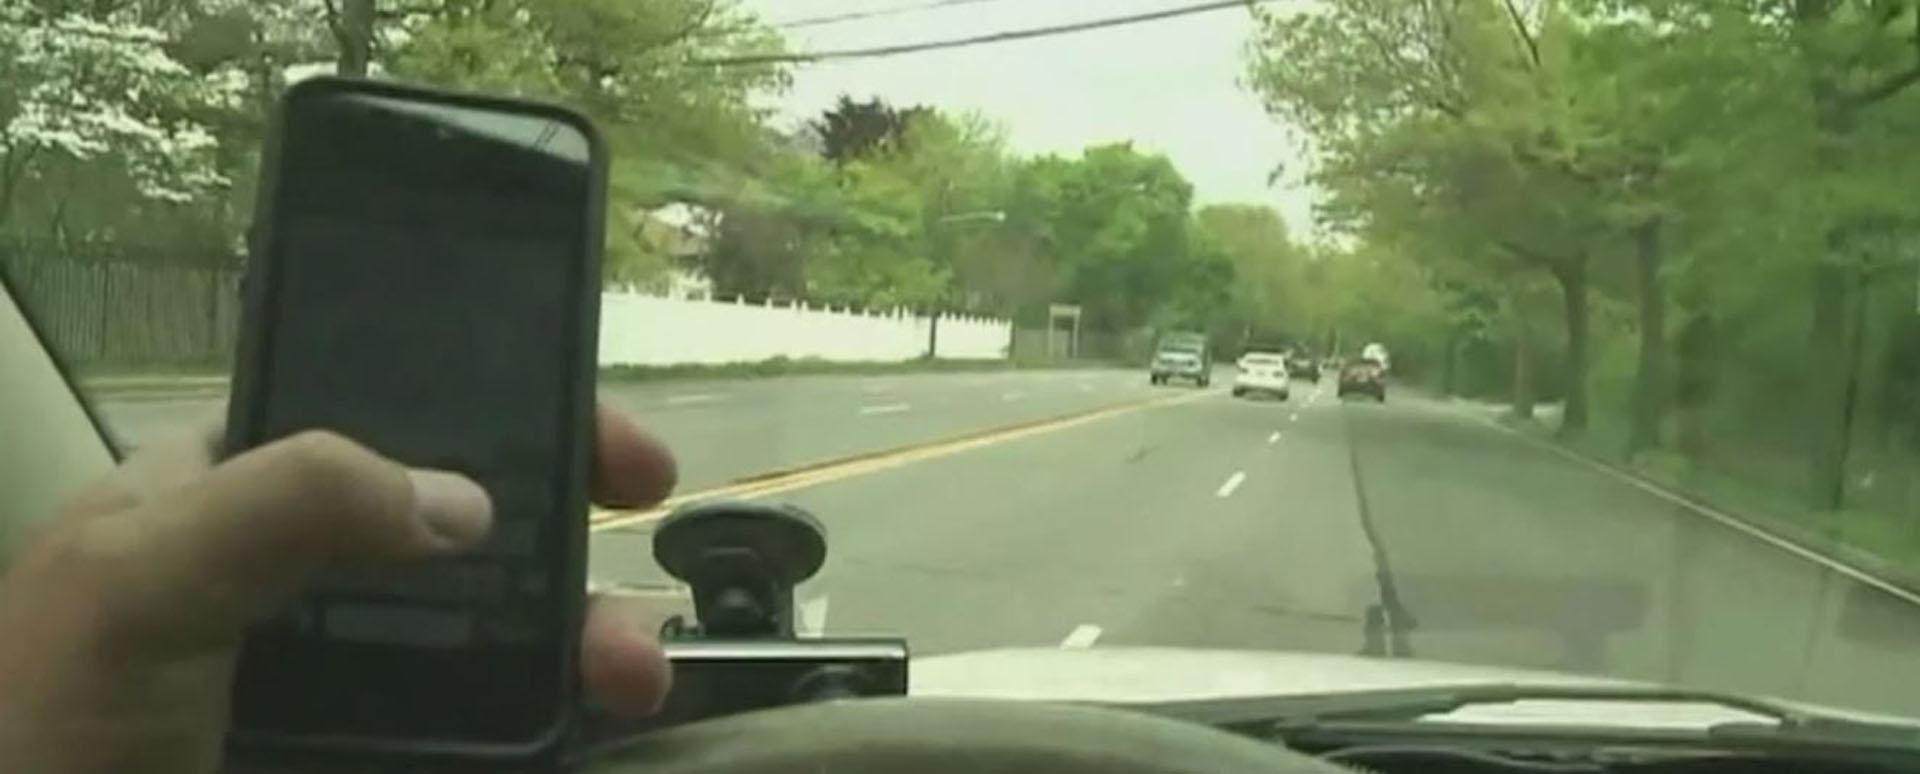 distracted driving_1554224211232.JPG.jpg